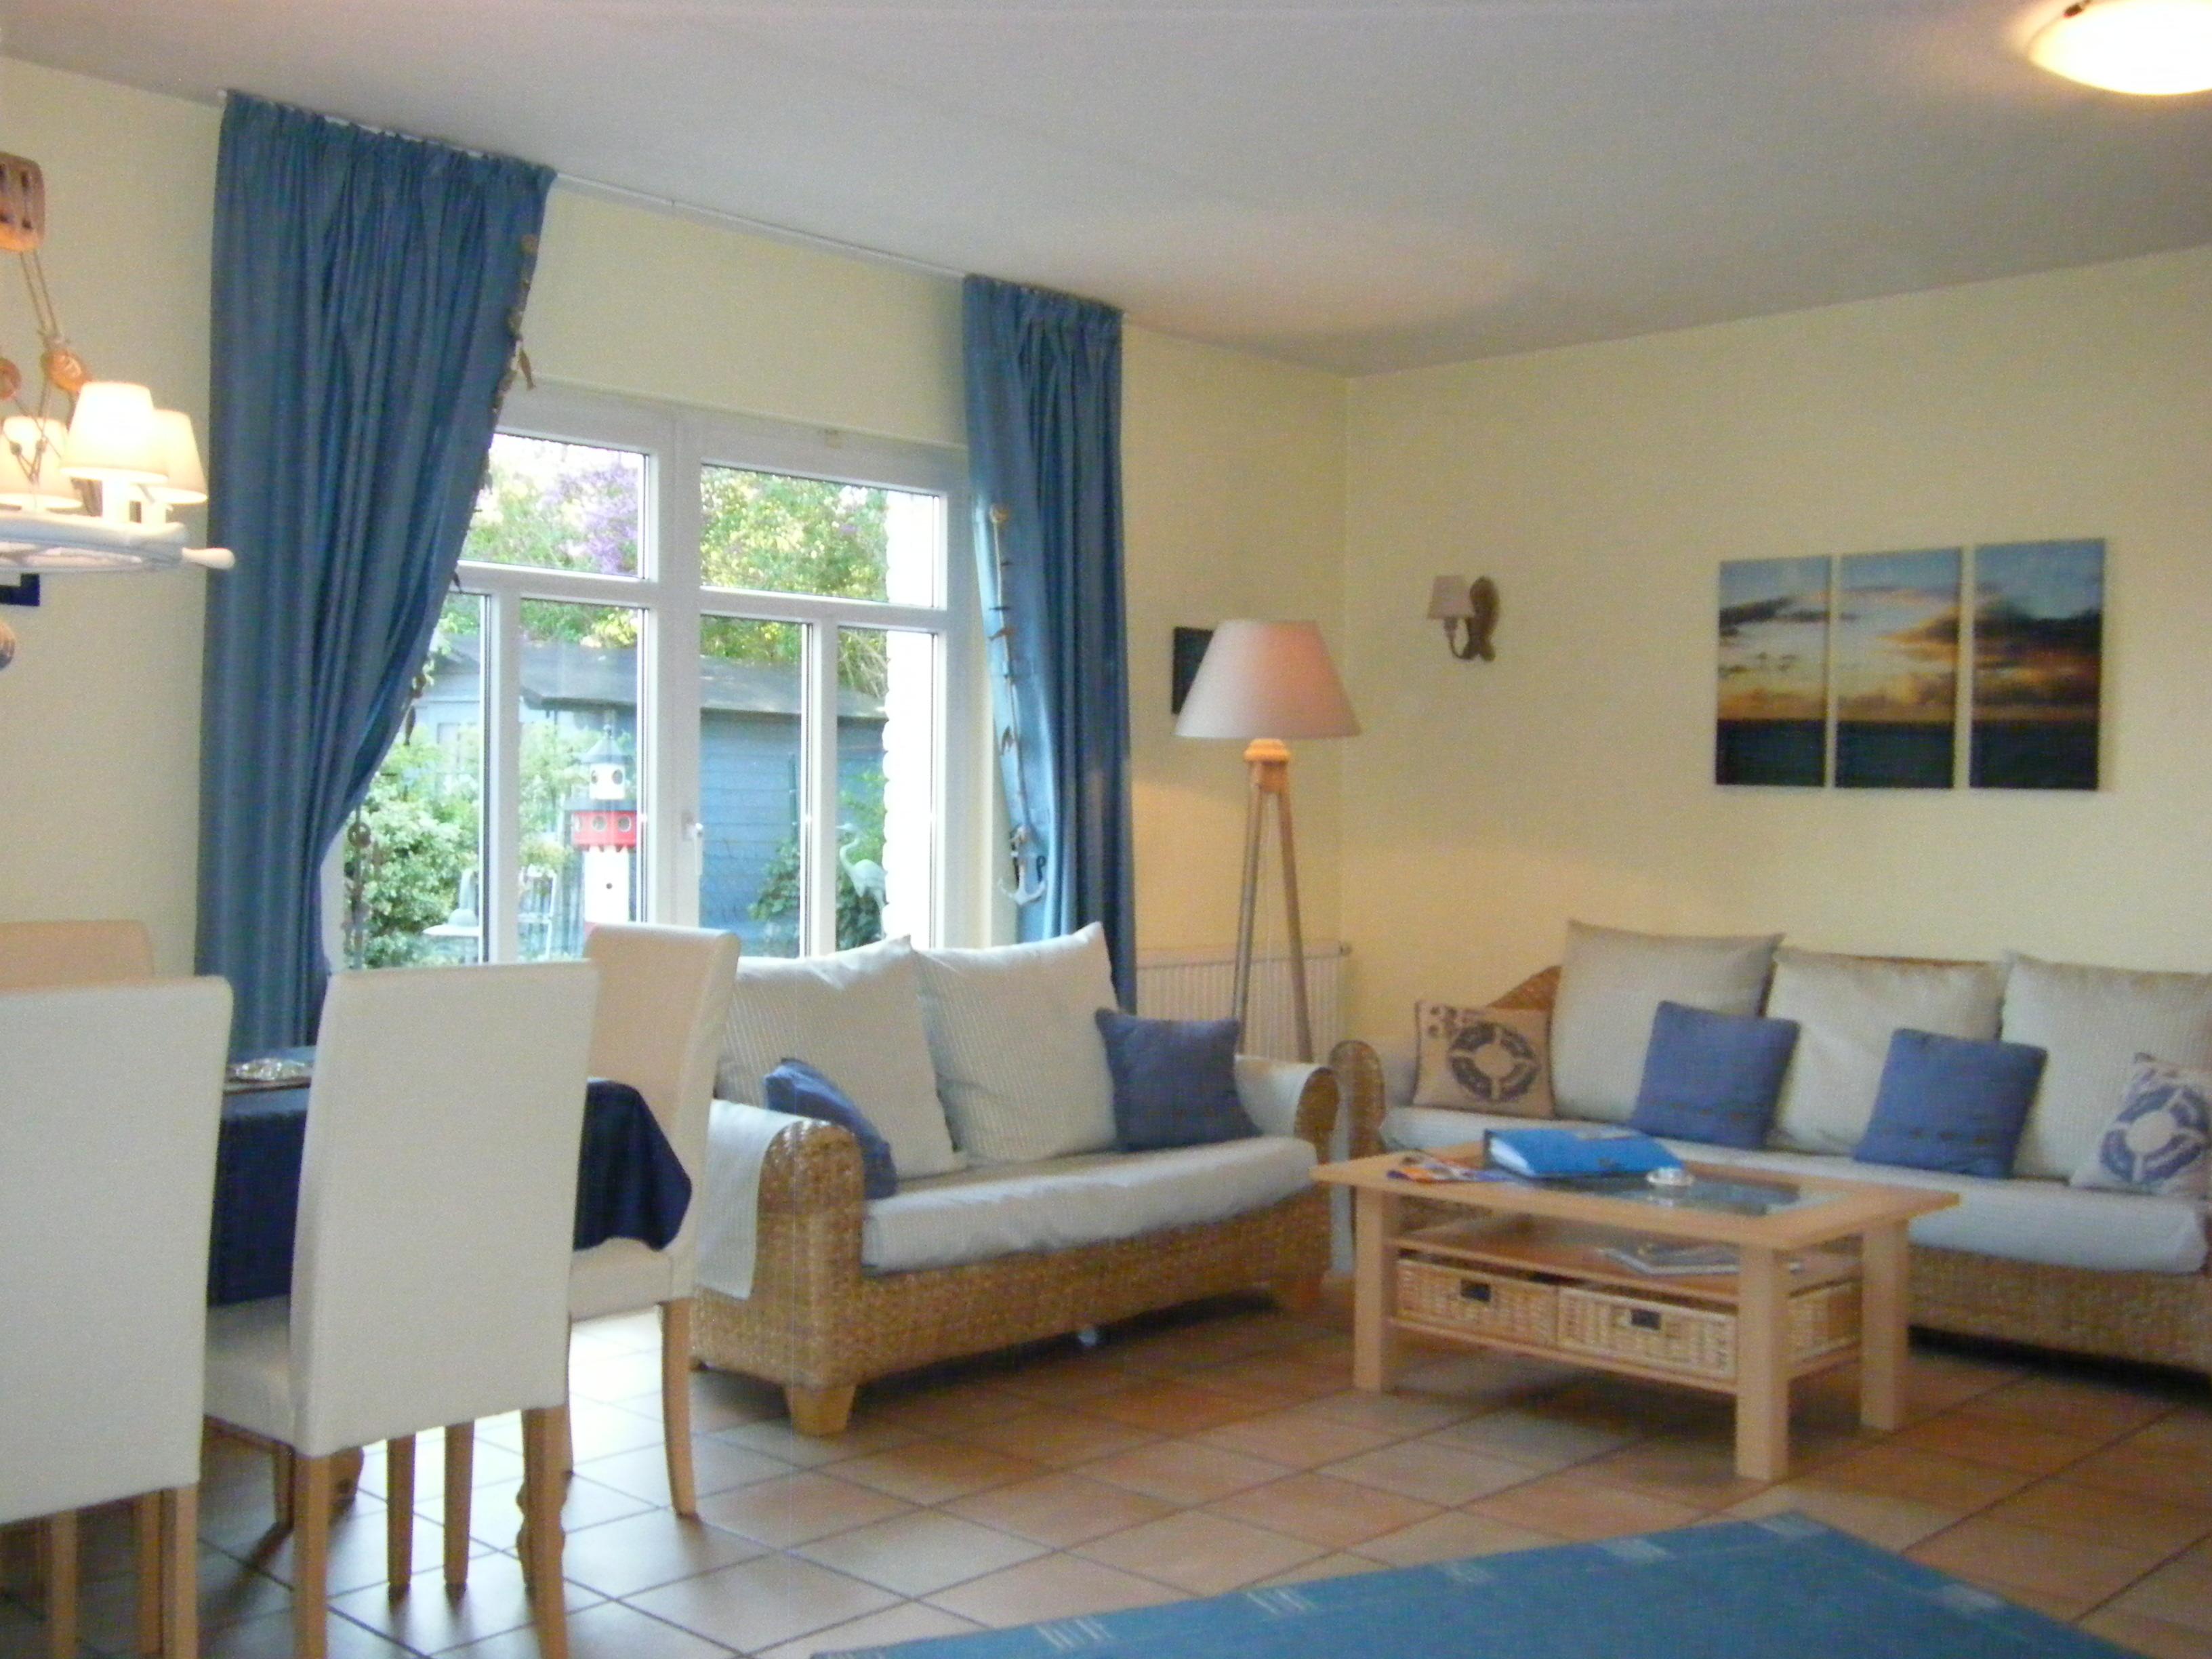 Wohnzimmer im Ferienhaus Gulet